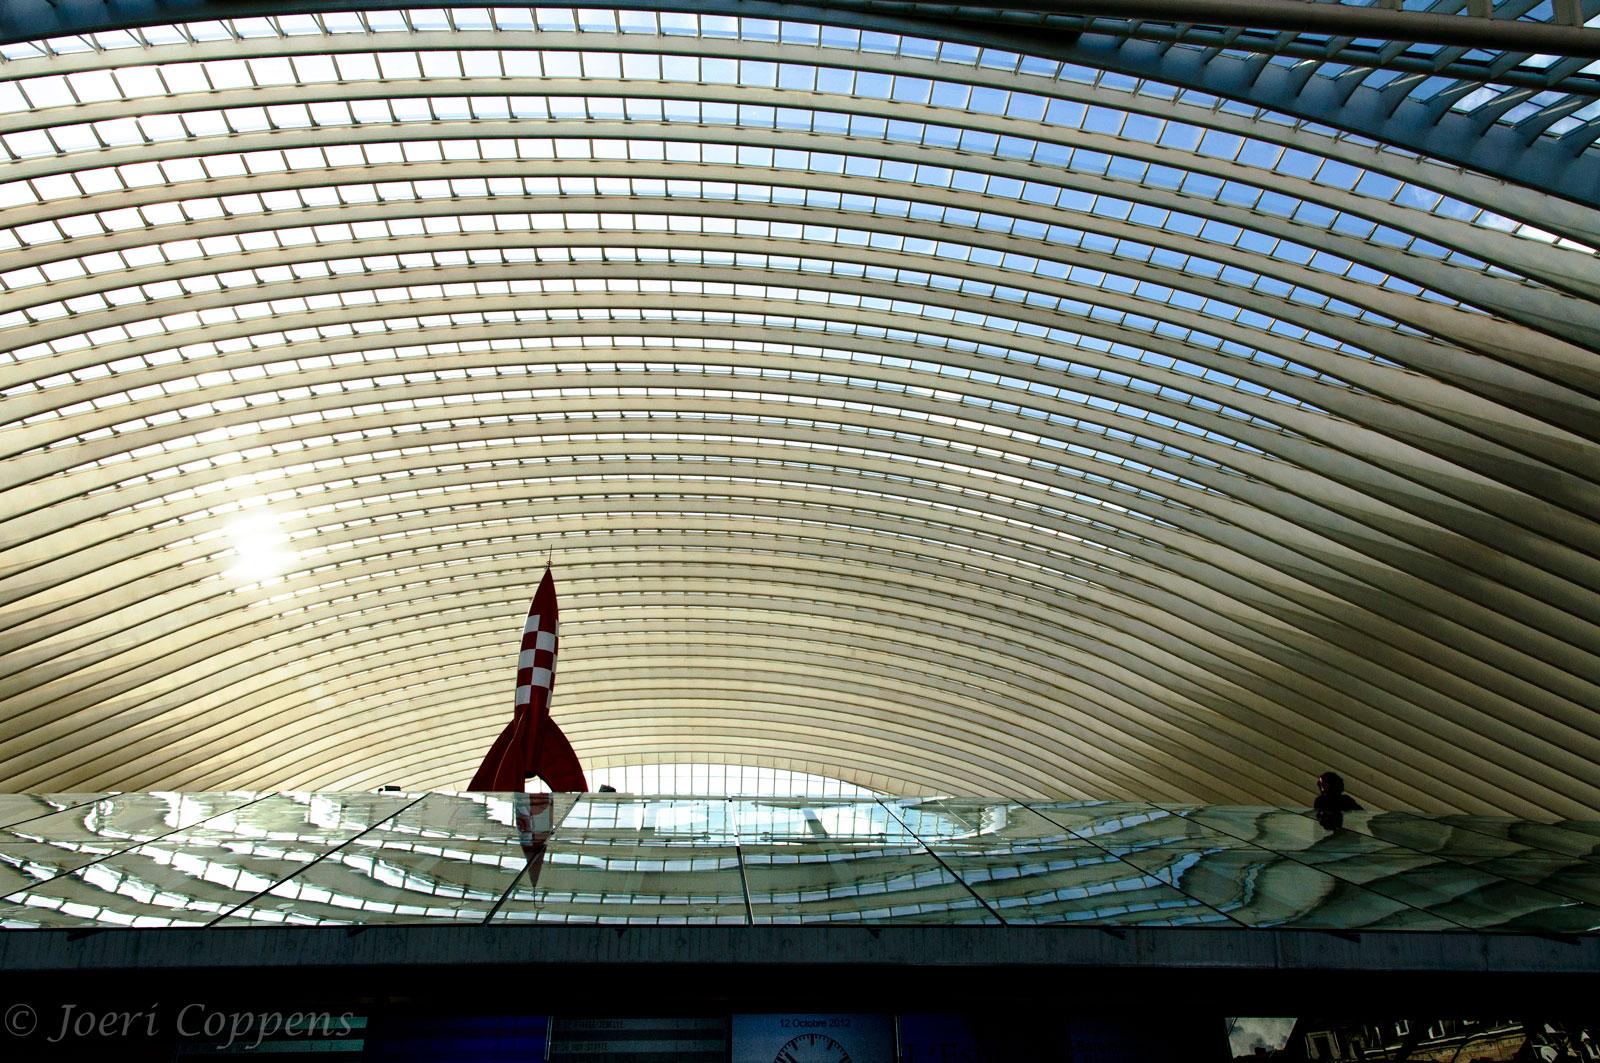 Bogen Stehle hintergrundbilder die architektur gebäude himmel symmetrie